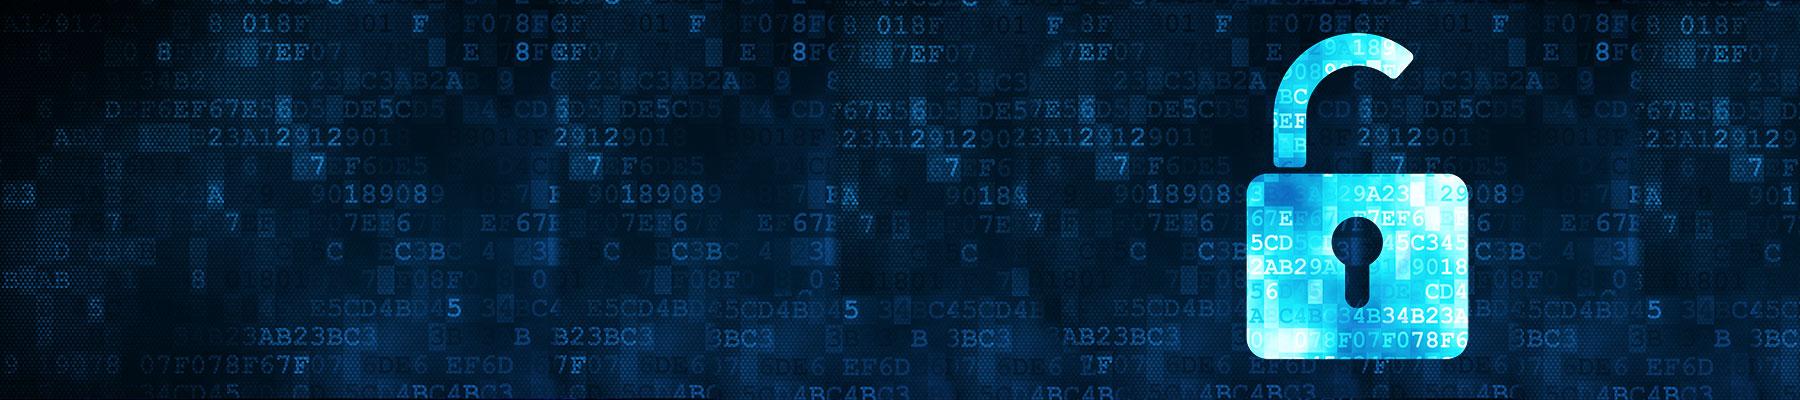 Unlock Digital Information Image